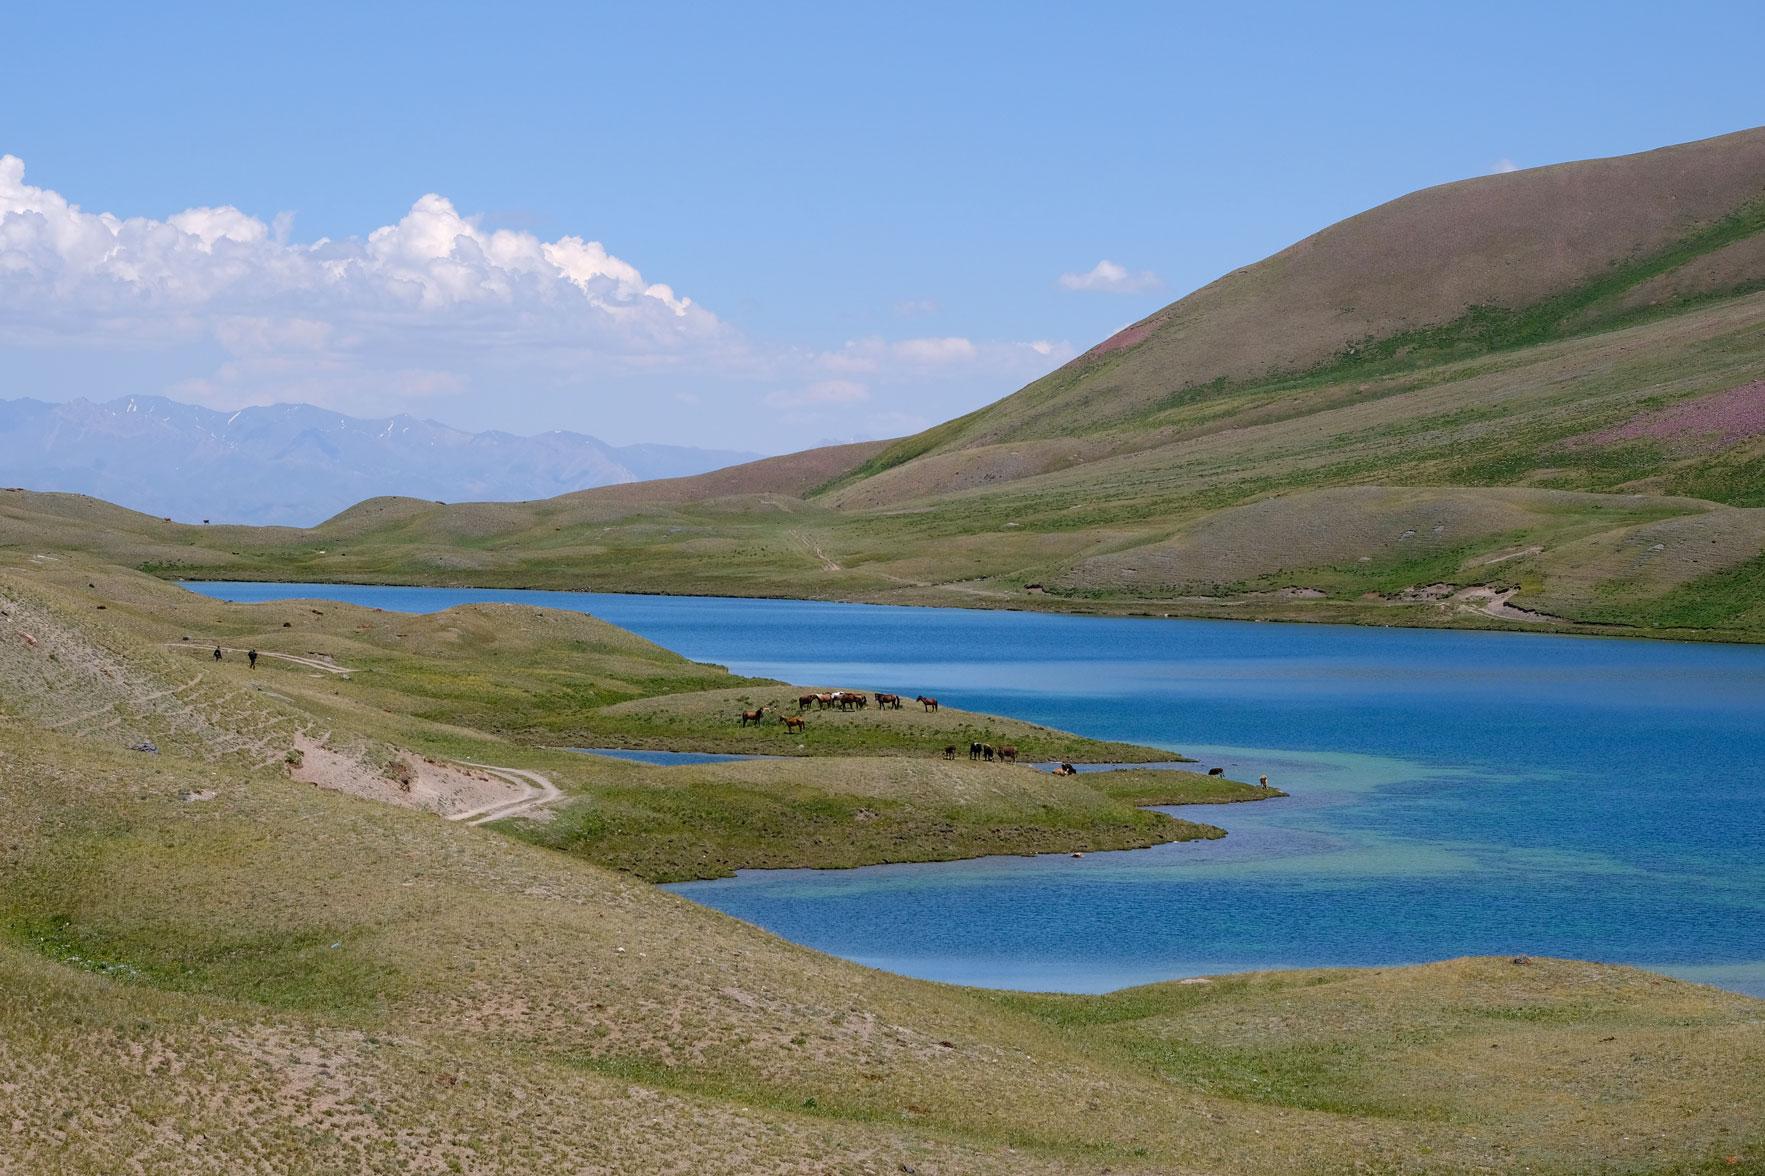 Bergsee in Kirgistan